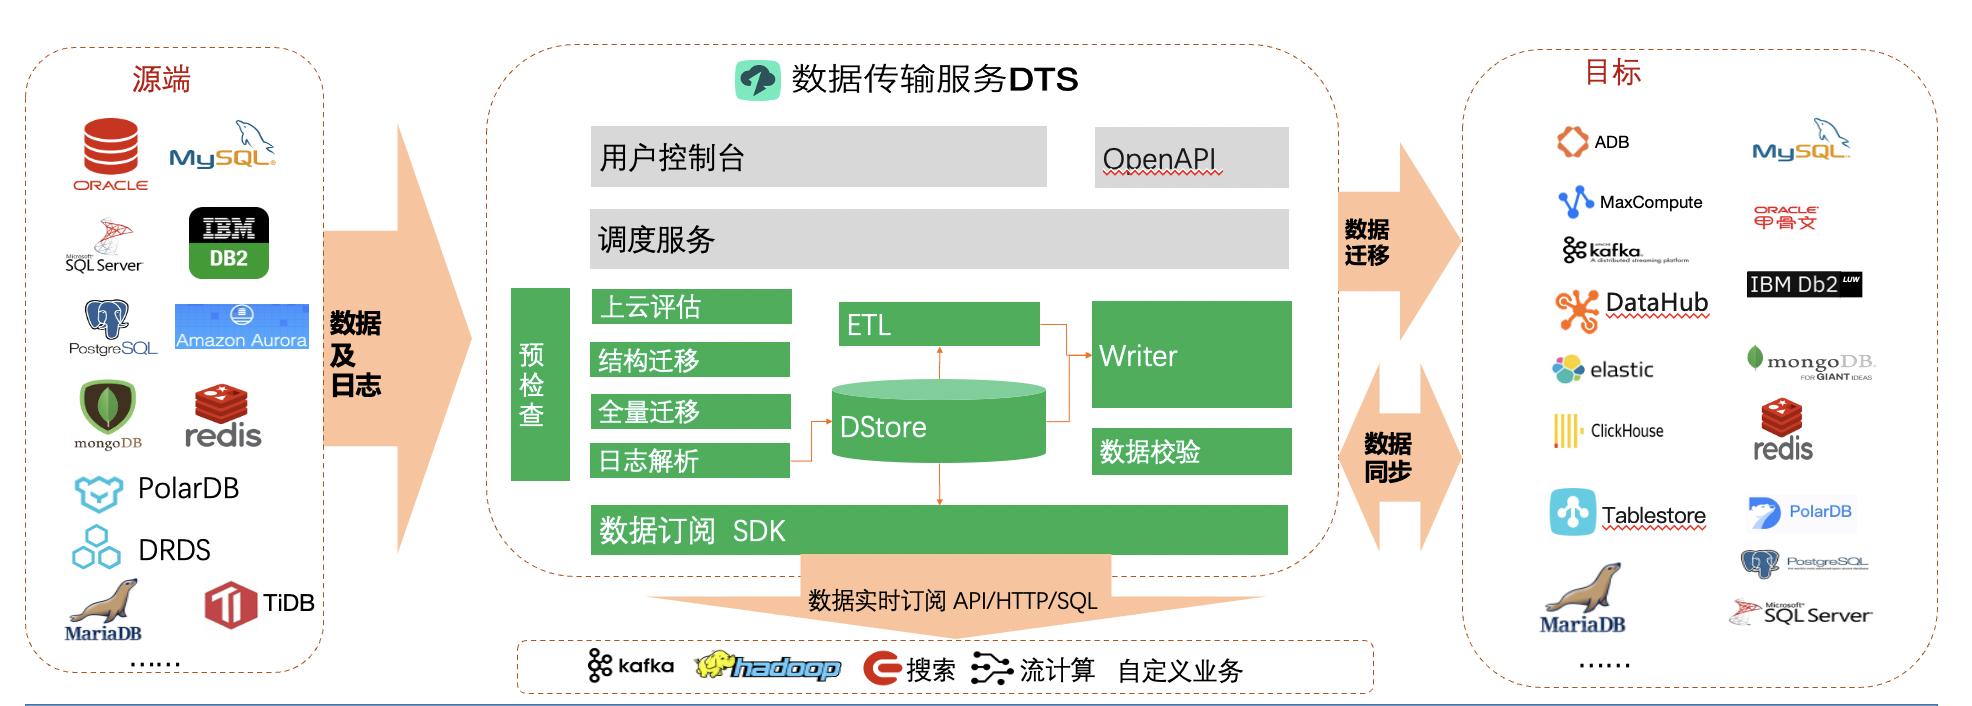 阿里云发布一站式敏捷数据仓库解决方案 实现库仓一体数据分析能力